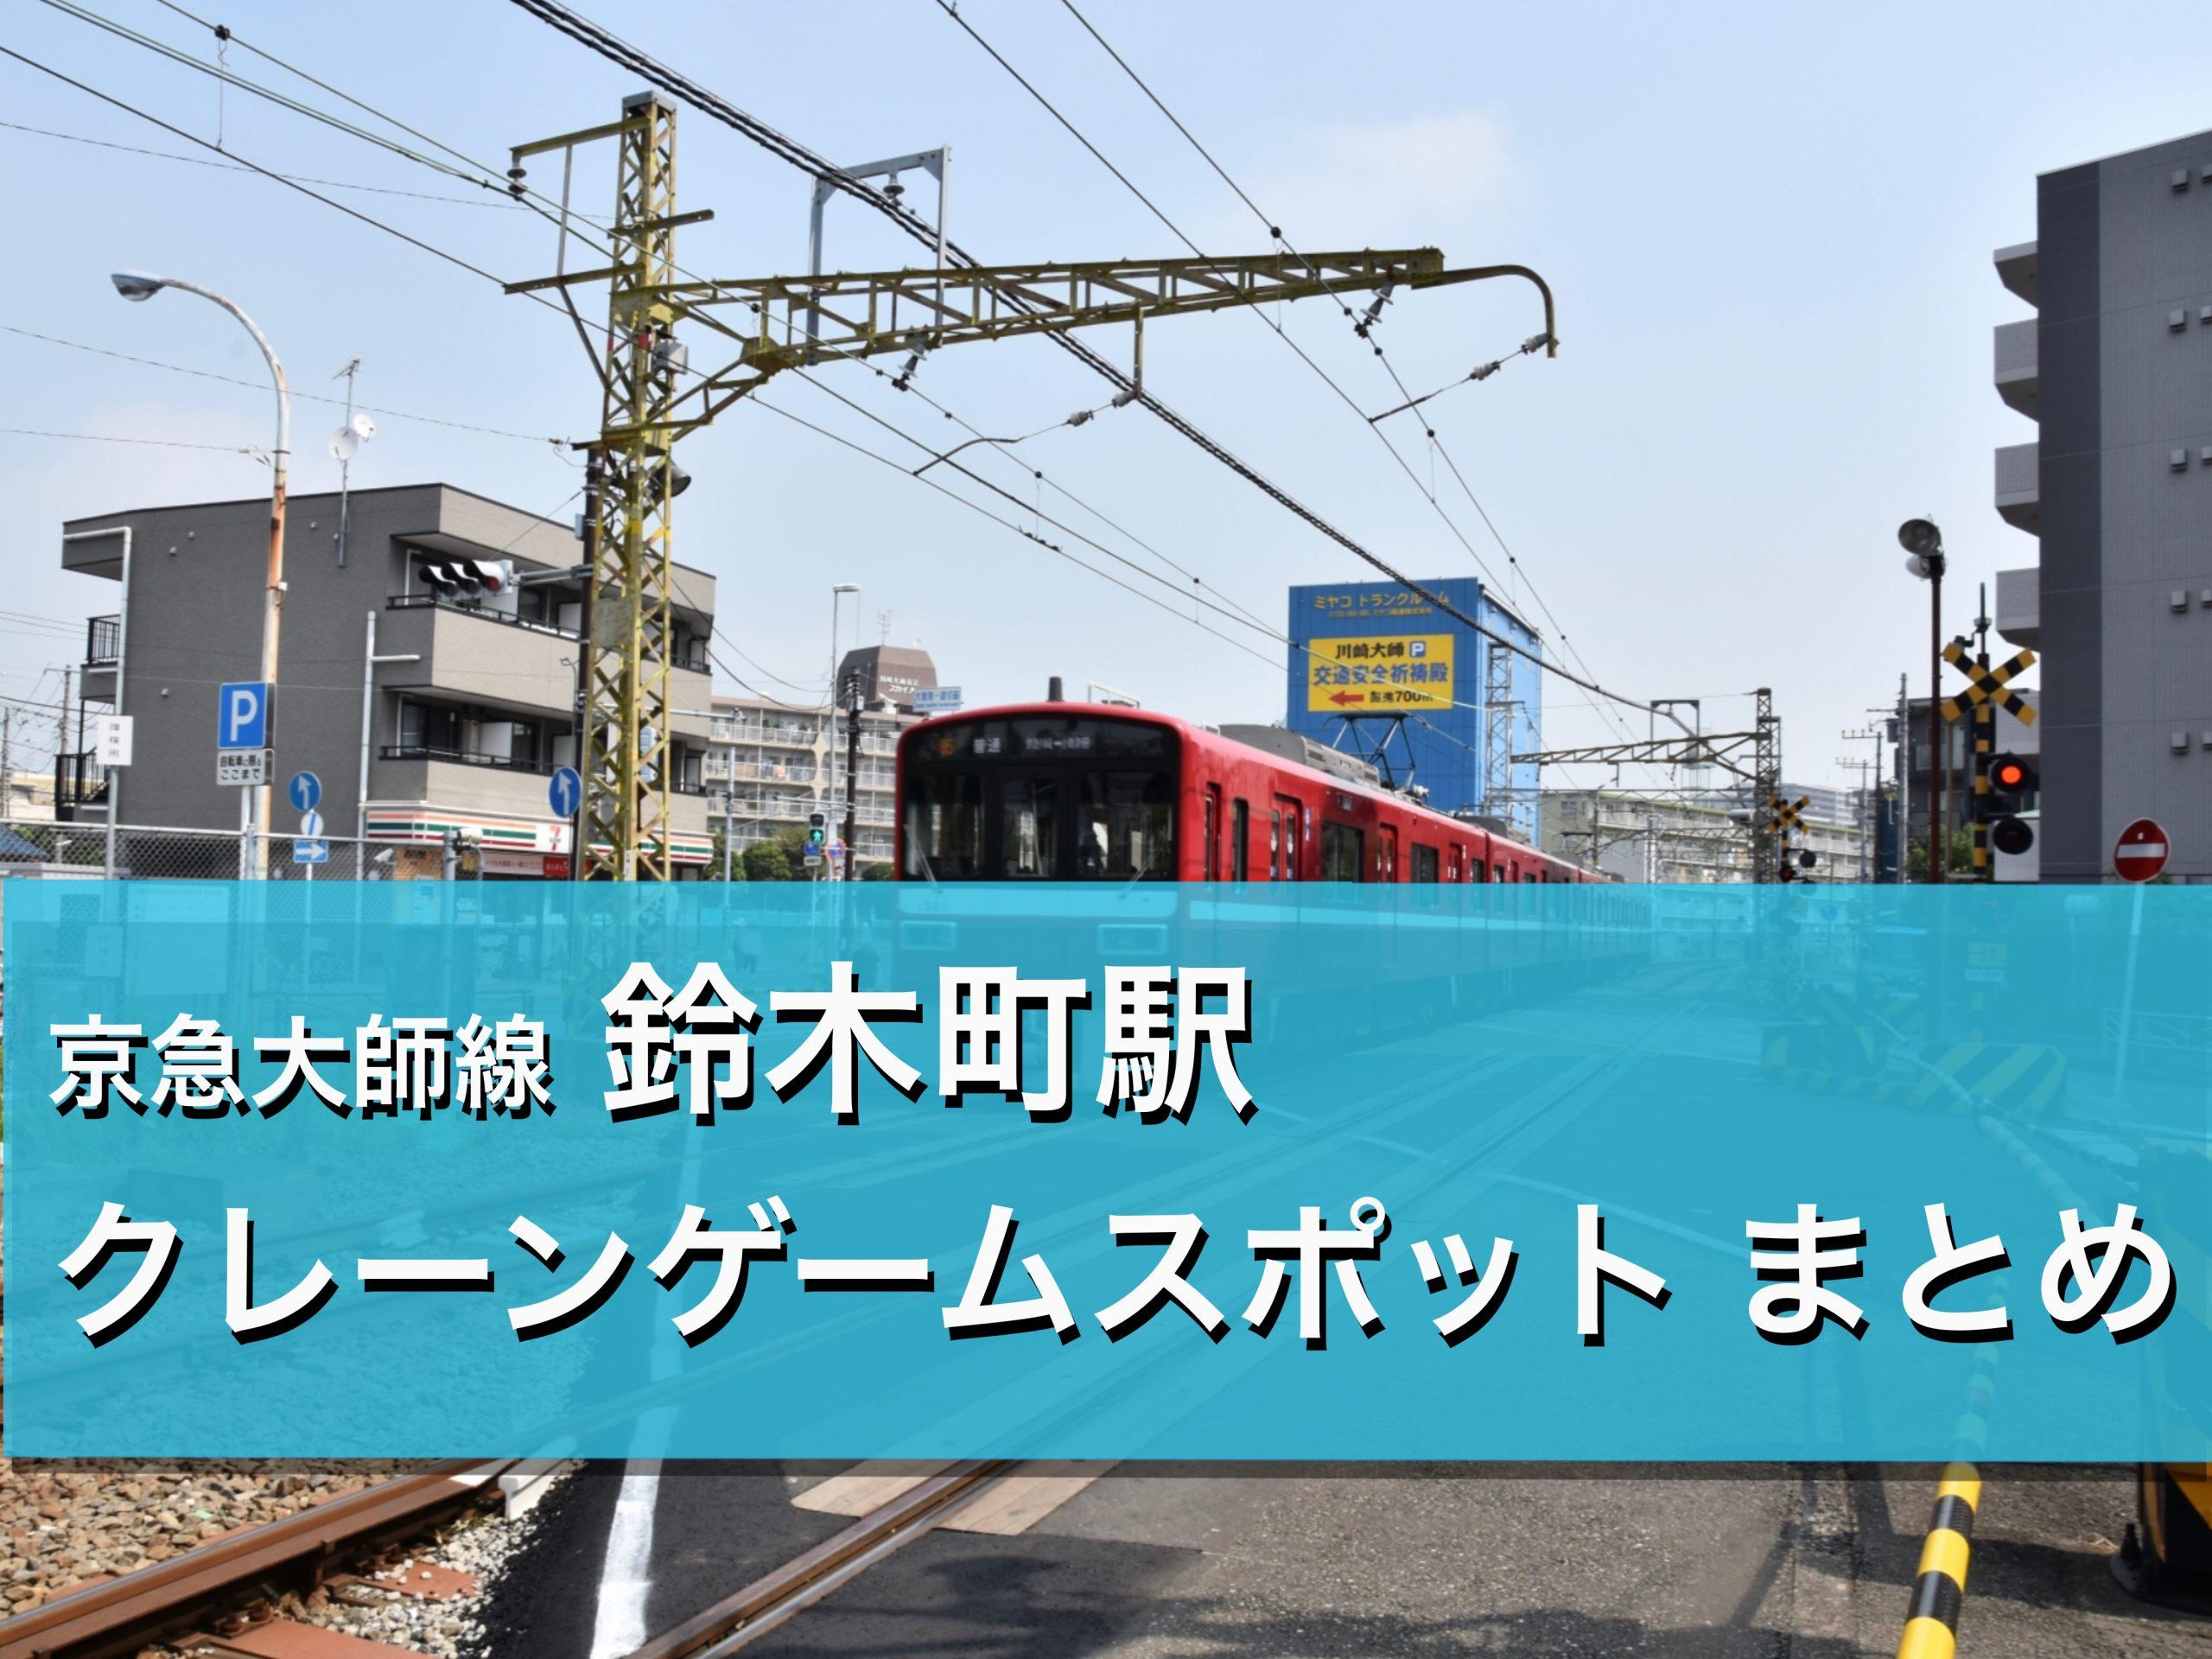 【鈴木町駅】クレーンゲームができる場所